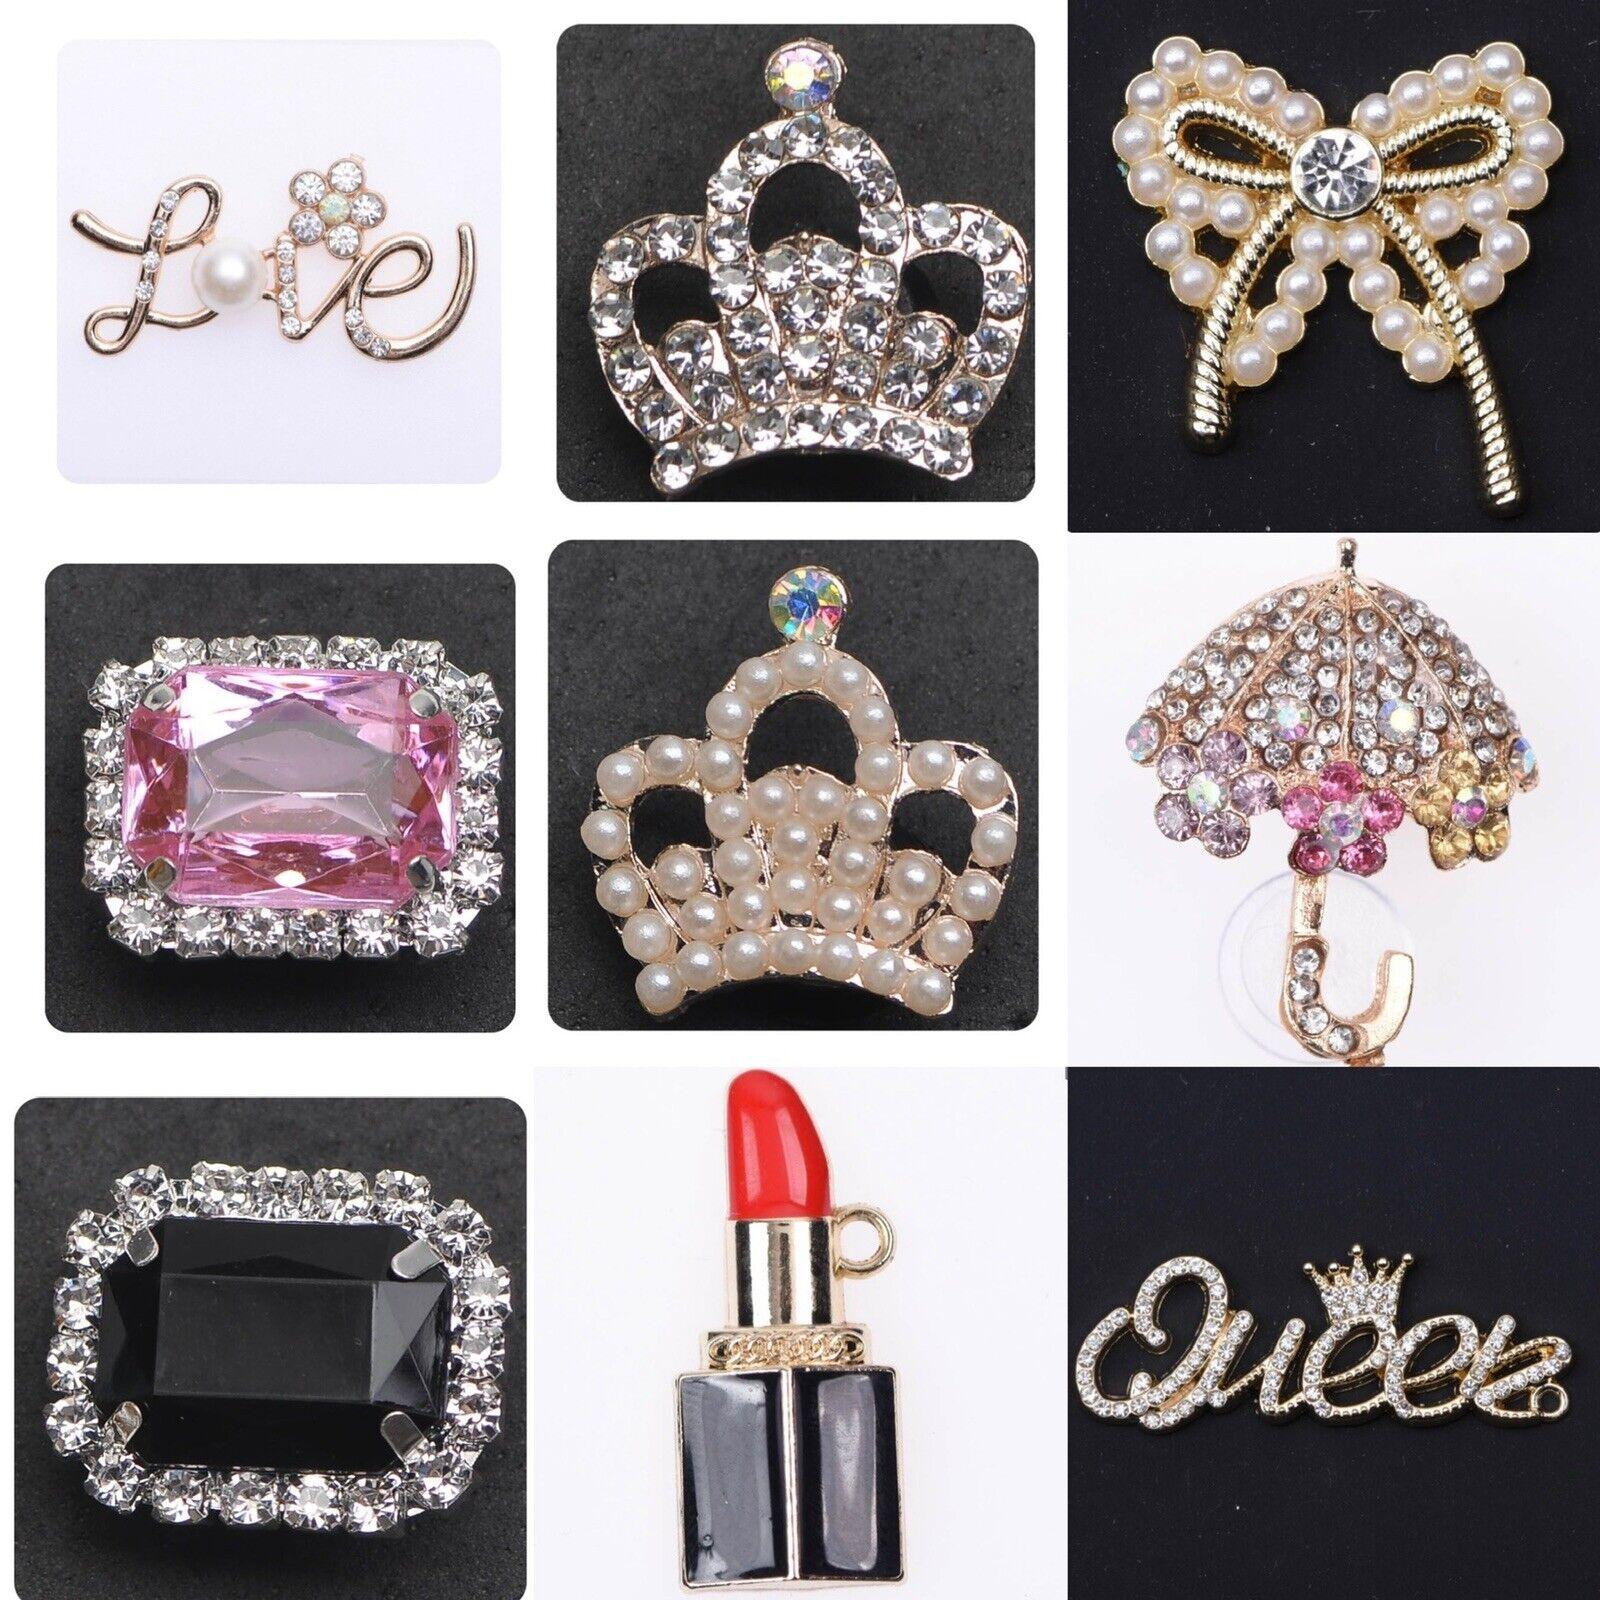 2, 4, 6, 8 Or 10 Croc Shoe Charm Badges Letters Accessories Each